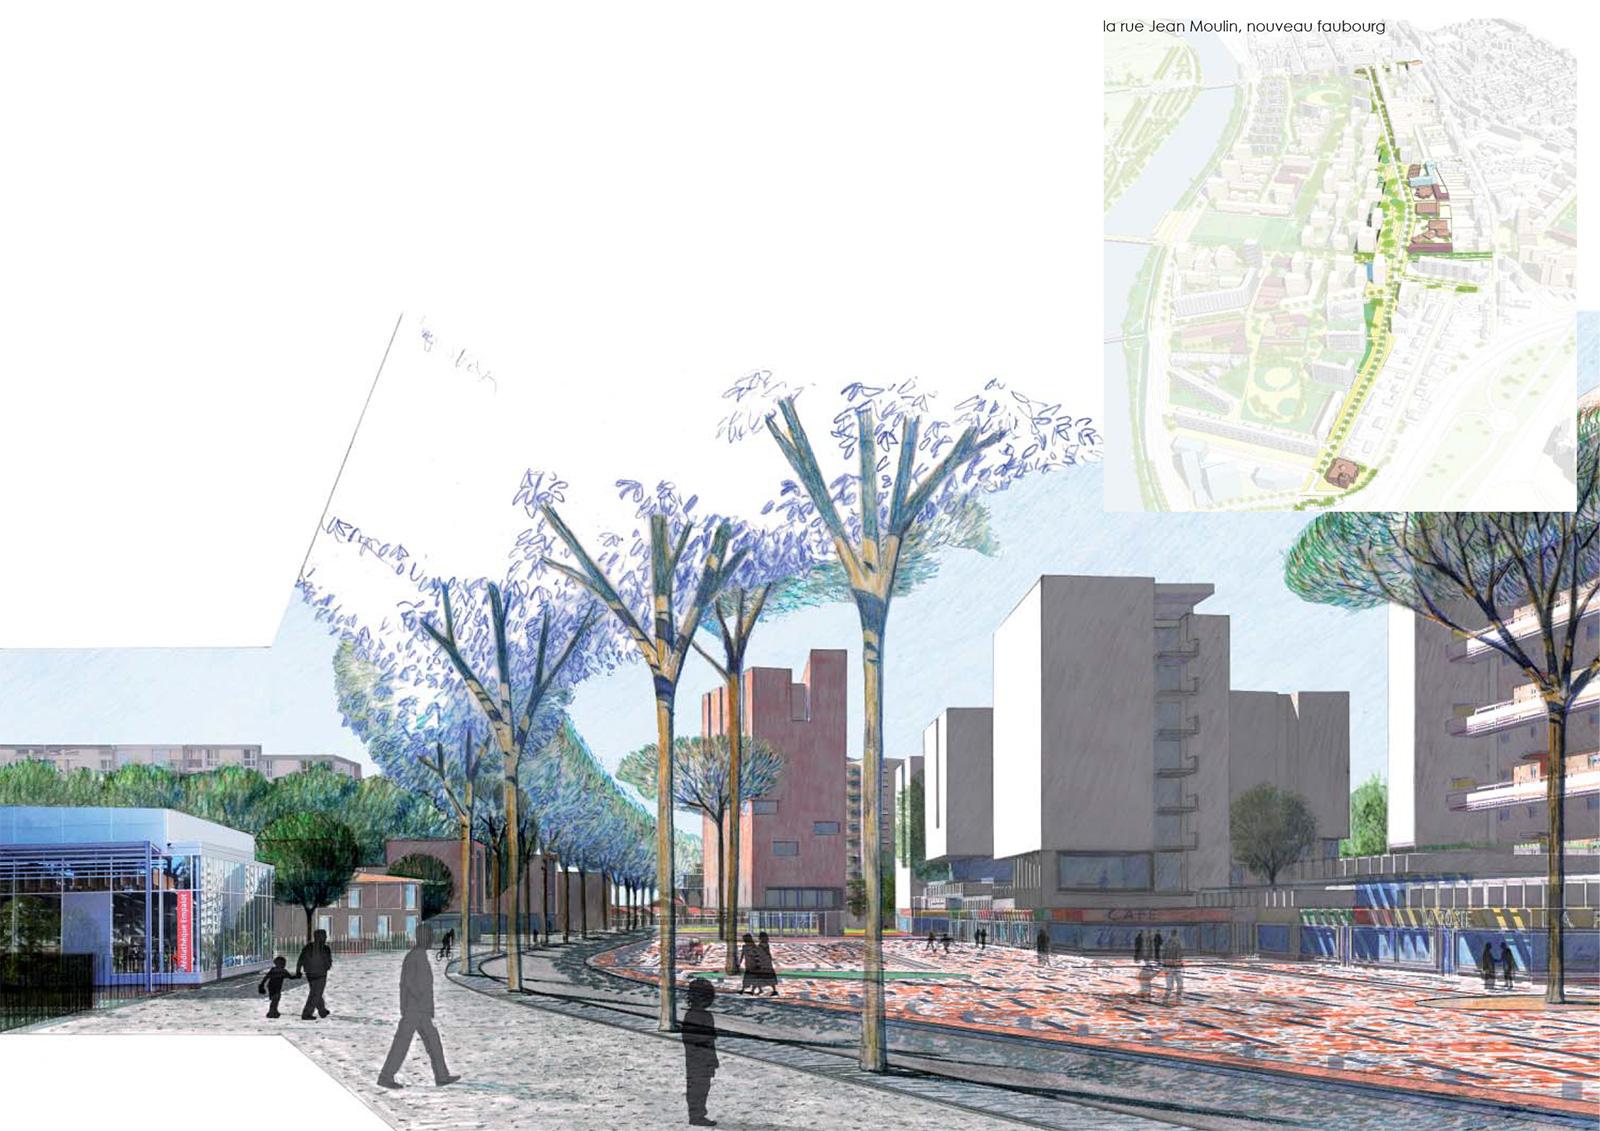 5-germe-et-jam-TOUE-toulouse-emplaot-projet-urbain--PLACE